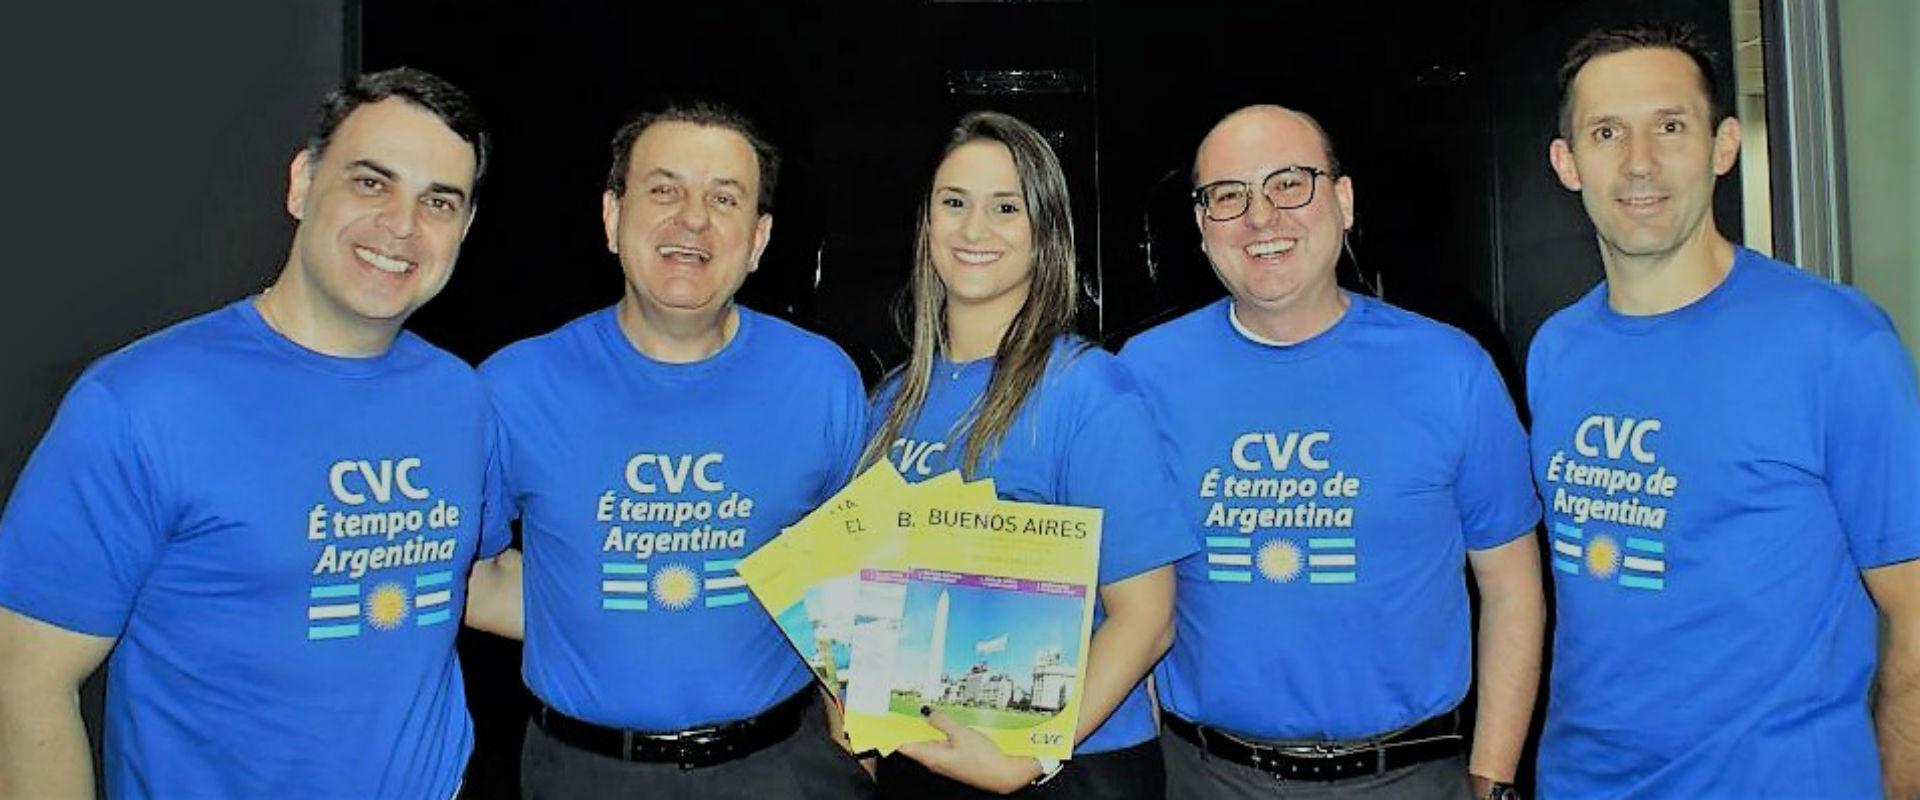 CVC faz aniversário e lança promoção para Bariloche